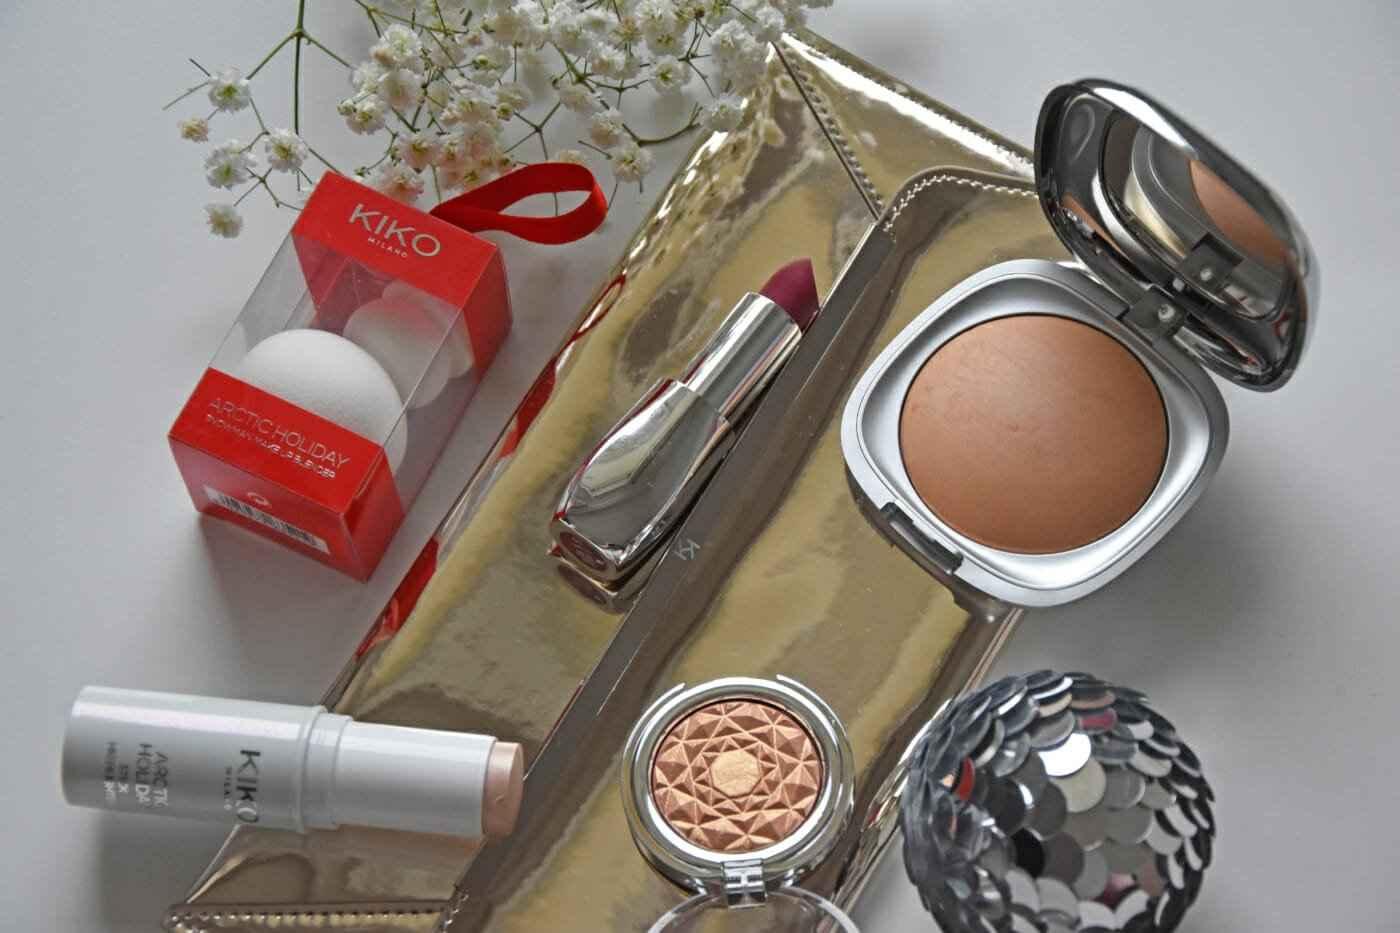 Makeup Kiko Holiday Arctic